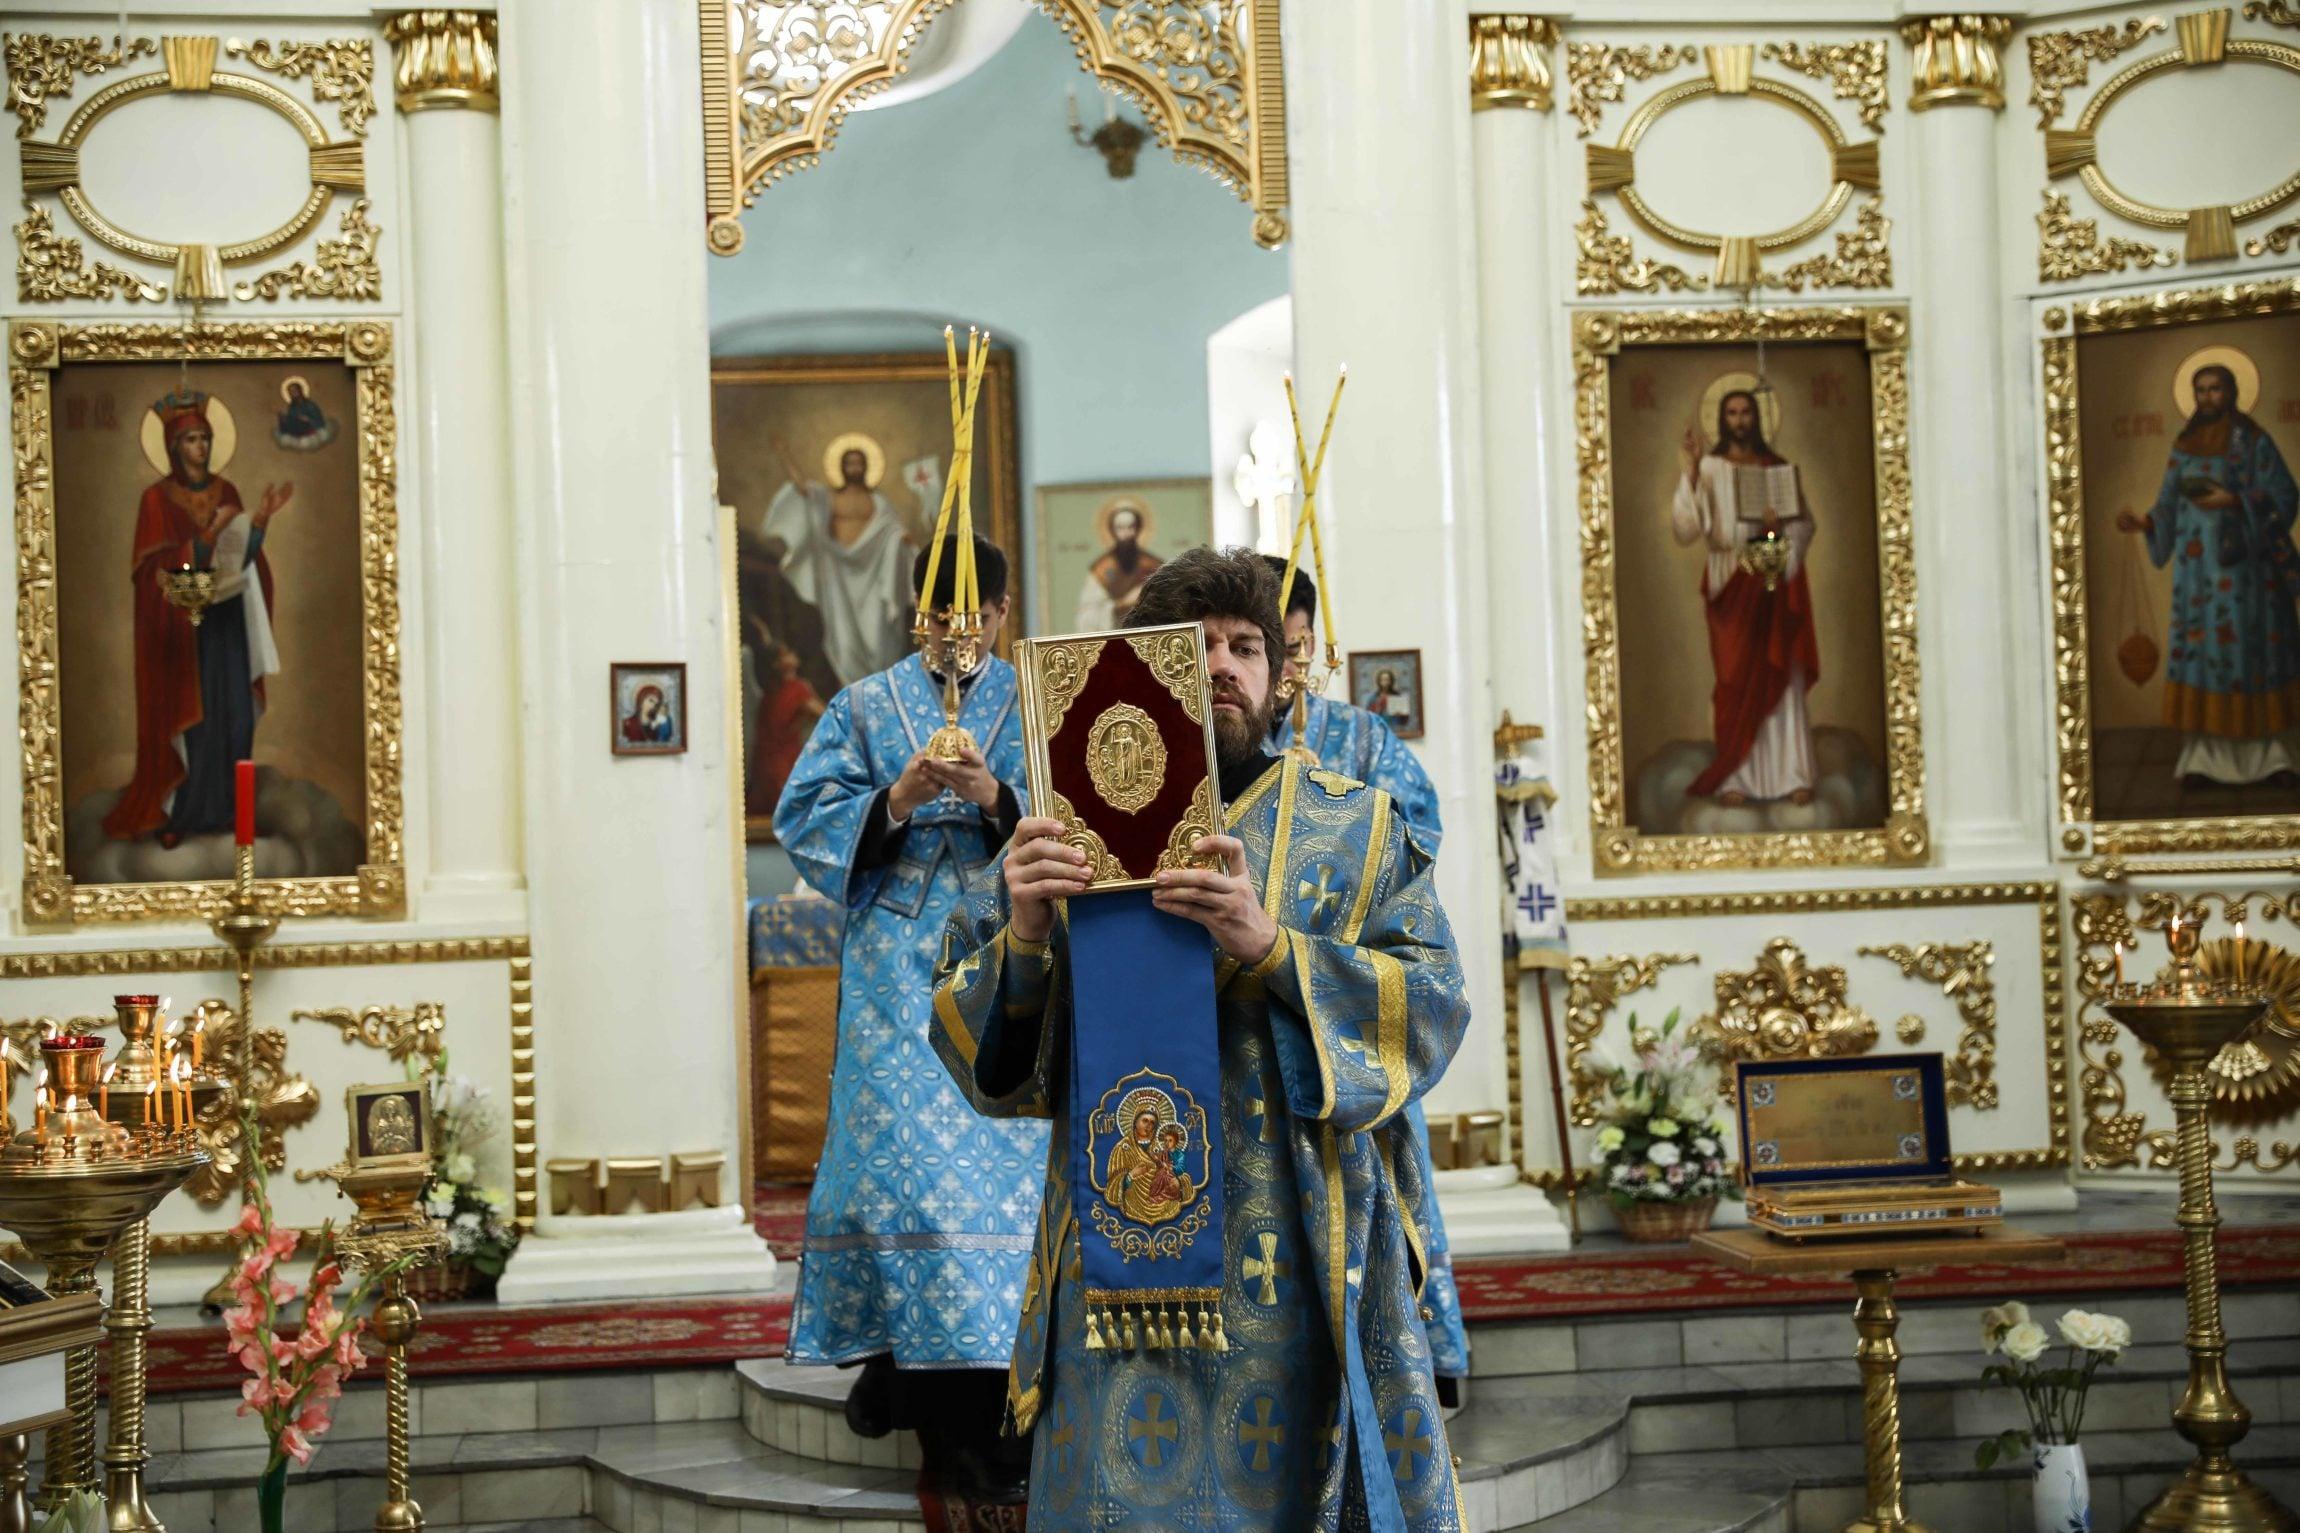 http://monuspen.ru/photoreports/300a33e78ae43bf112005df432bc34g7.jpg